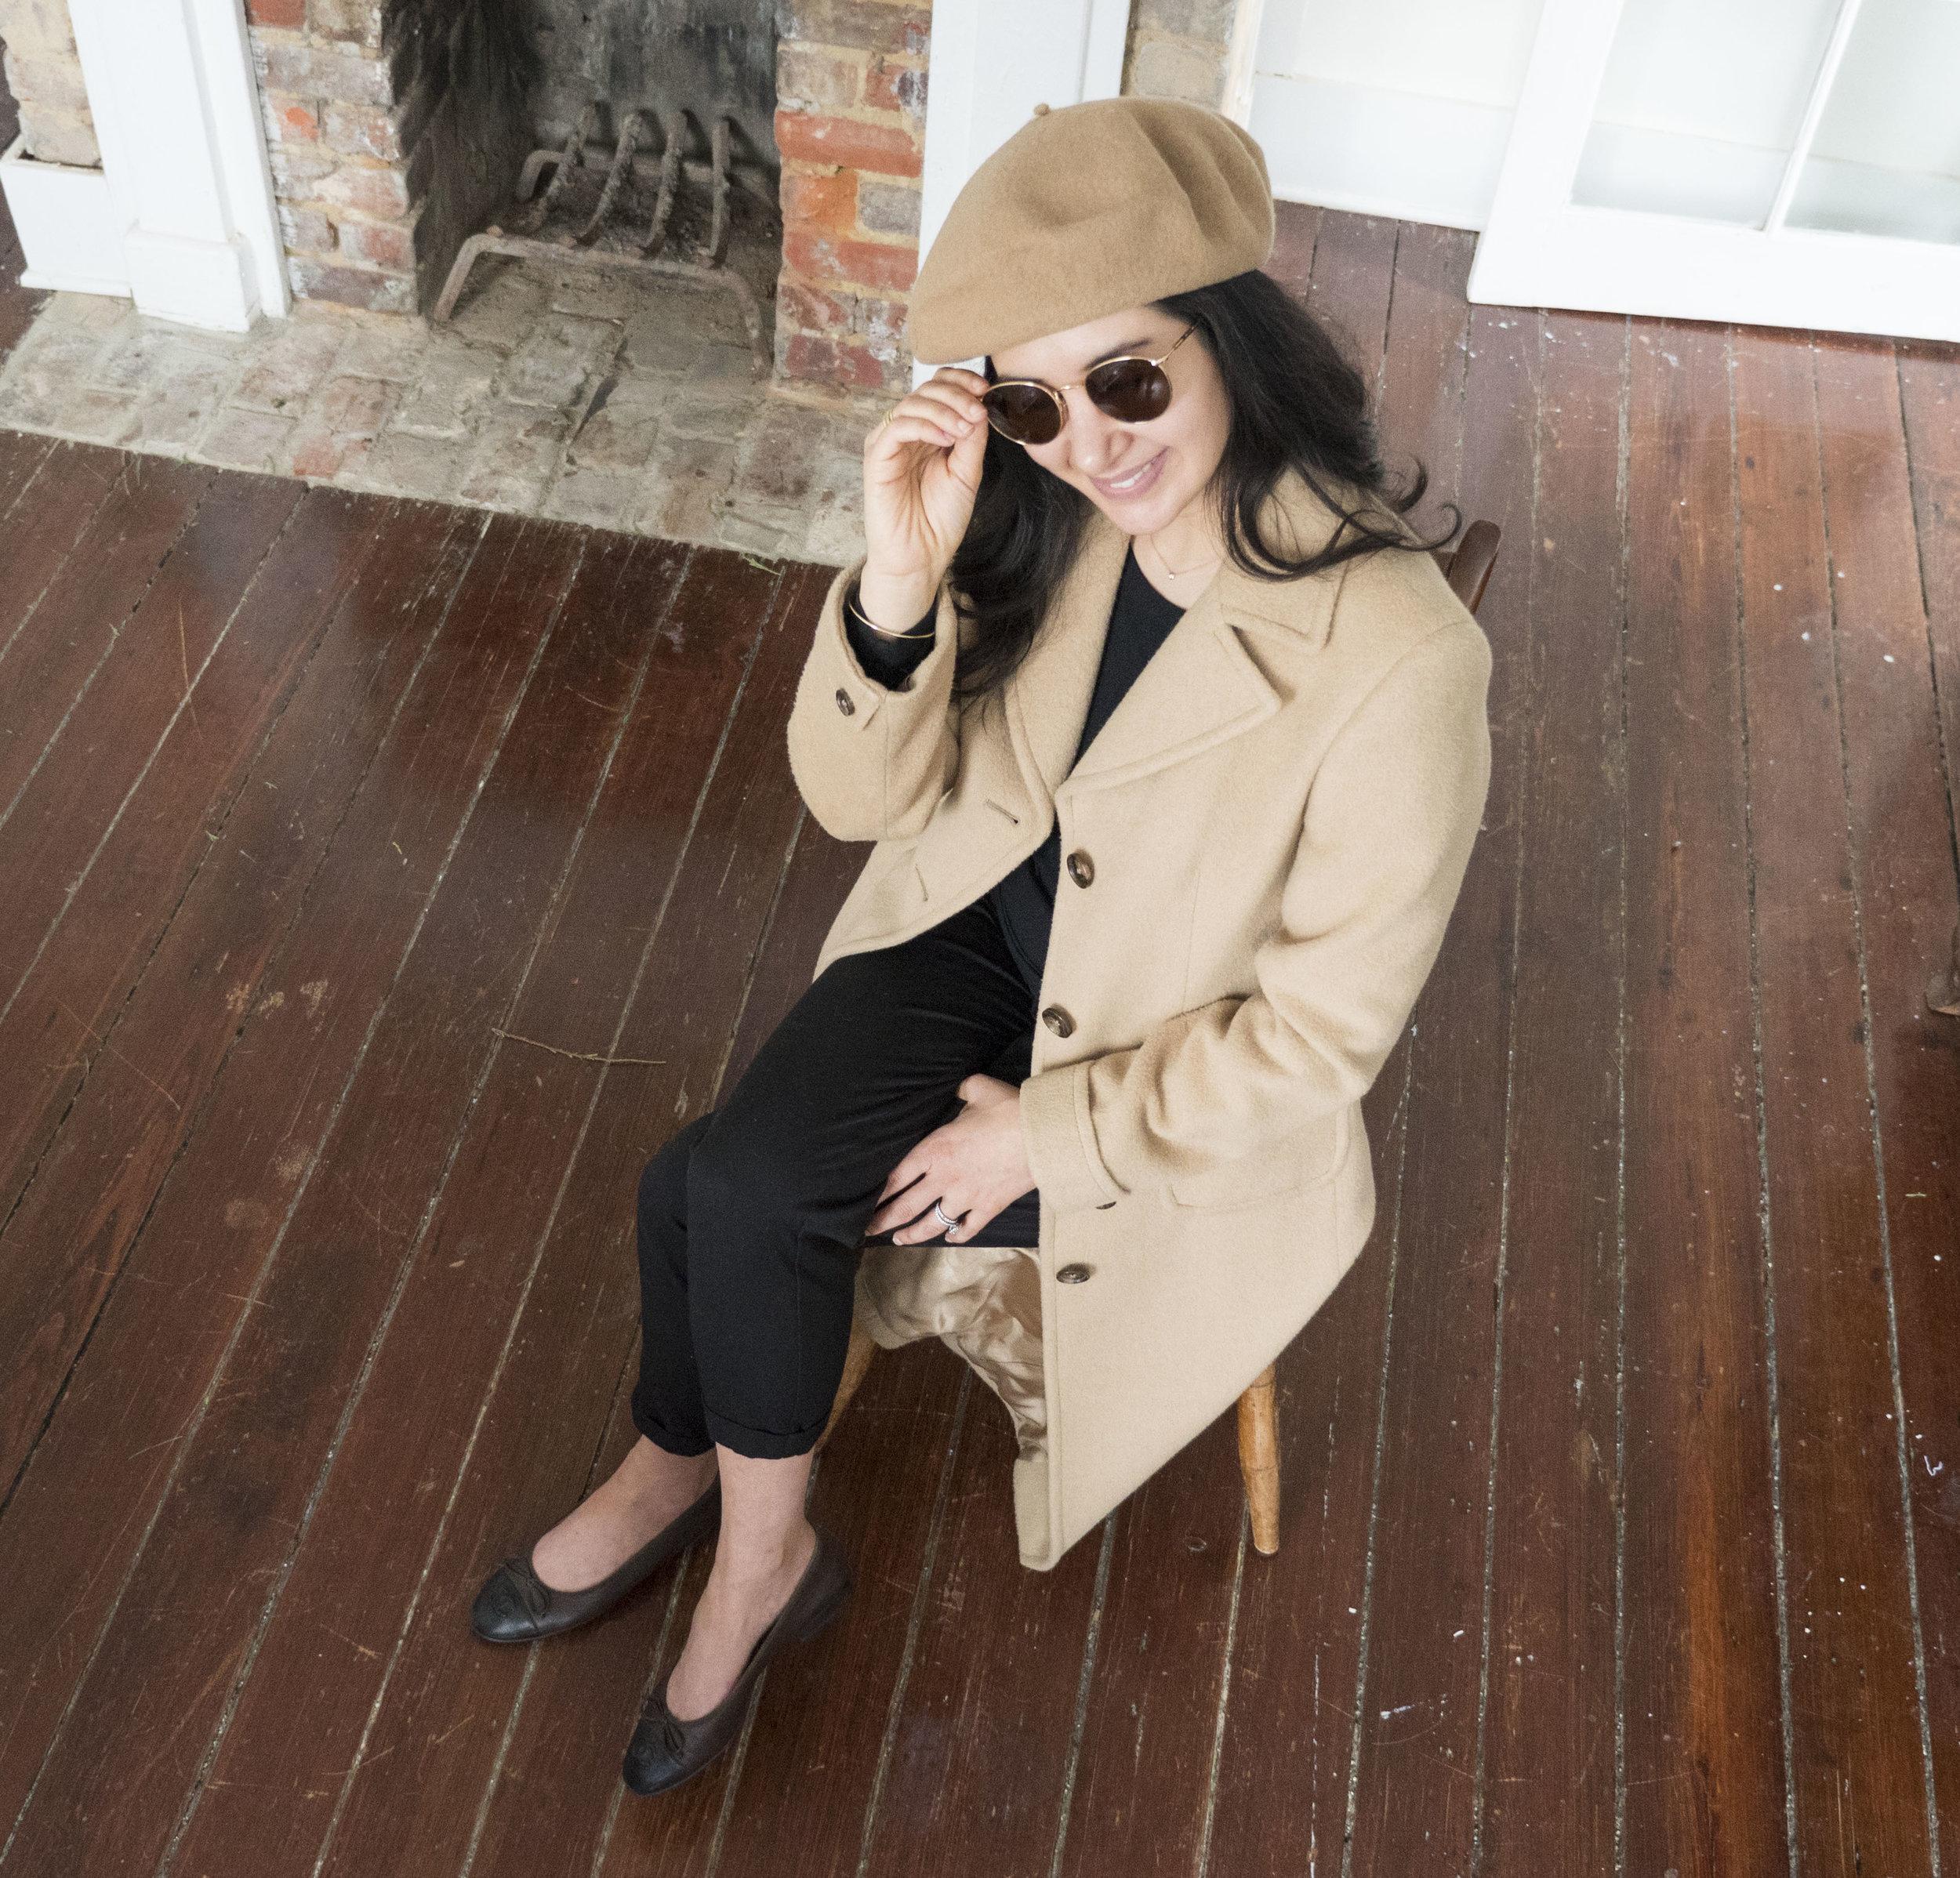 _1011757audrey_a_la_mode_camel-coat-chanel-ballet-flats-round-sunglasses-beret-everlane-cashmere.JPG